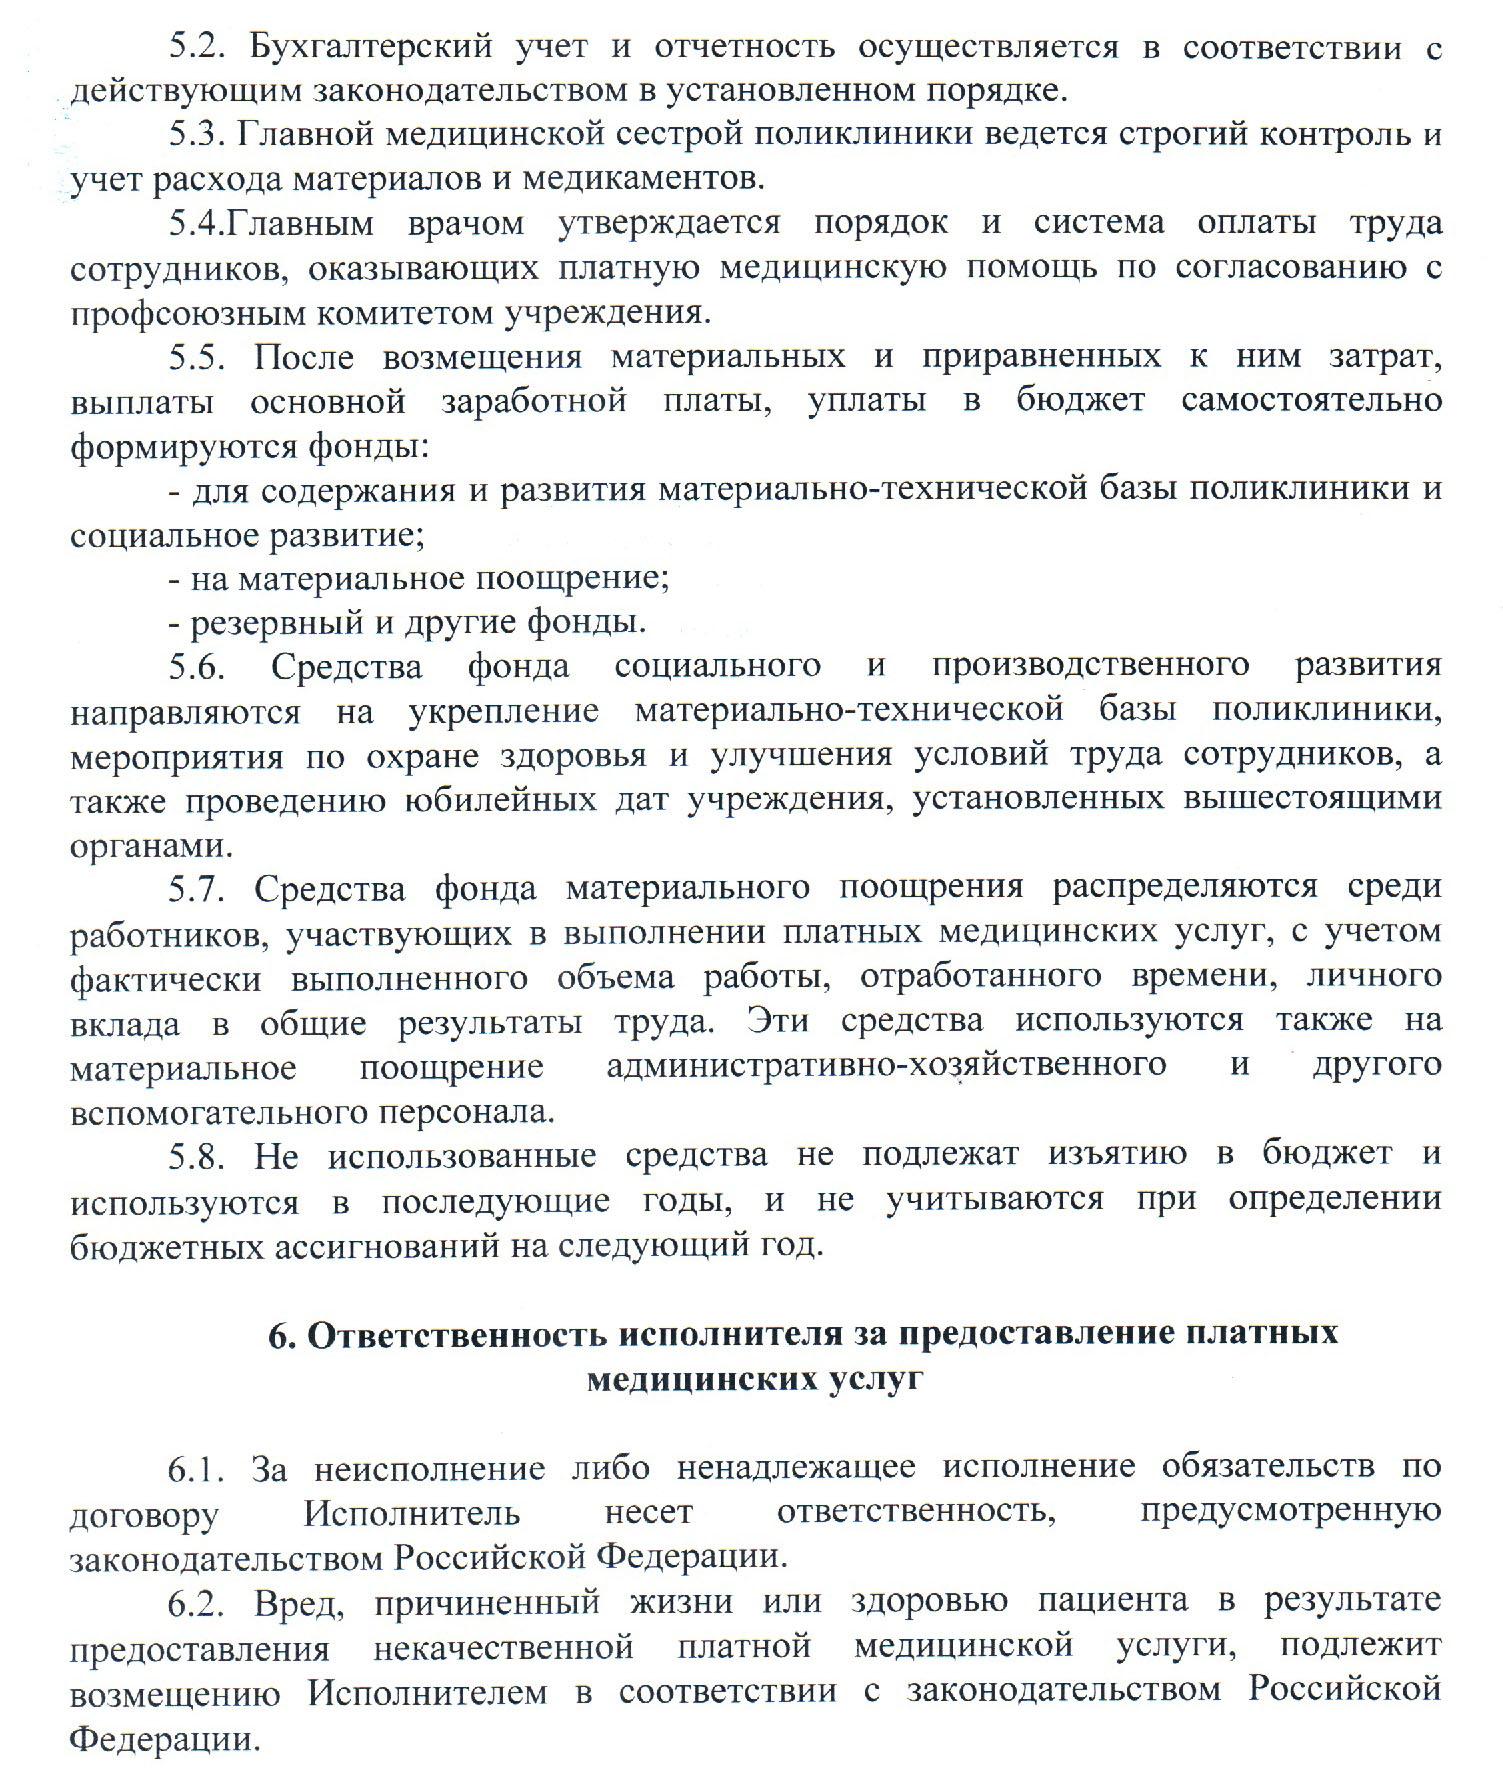 Боткинская больница отделение нейрохирургии отзывы